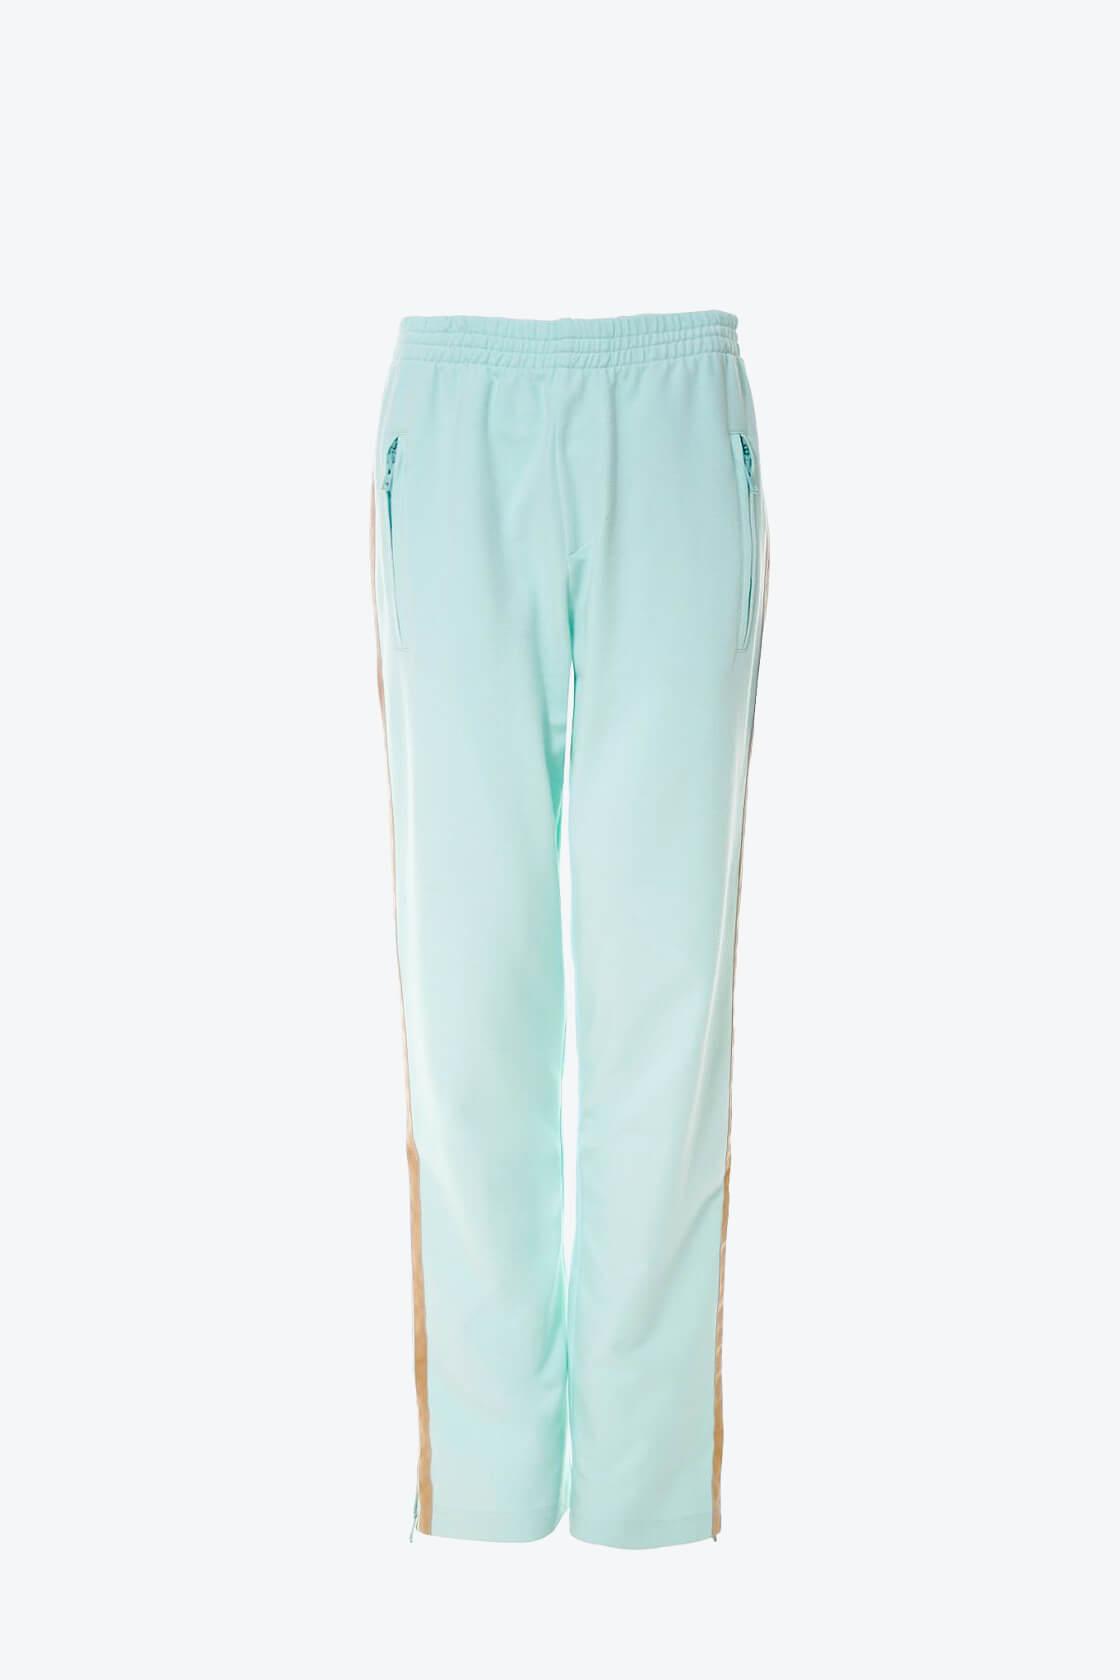 OL100002611 Pants Edie Frosty Mint 1